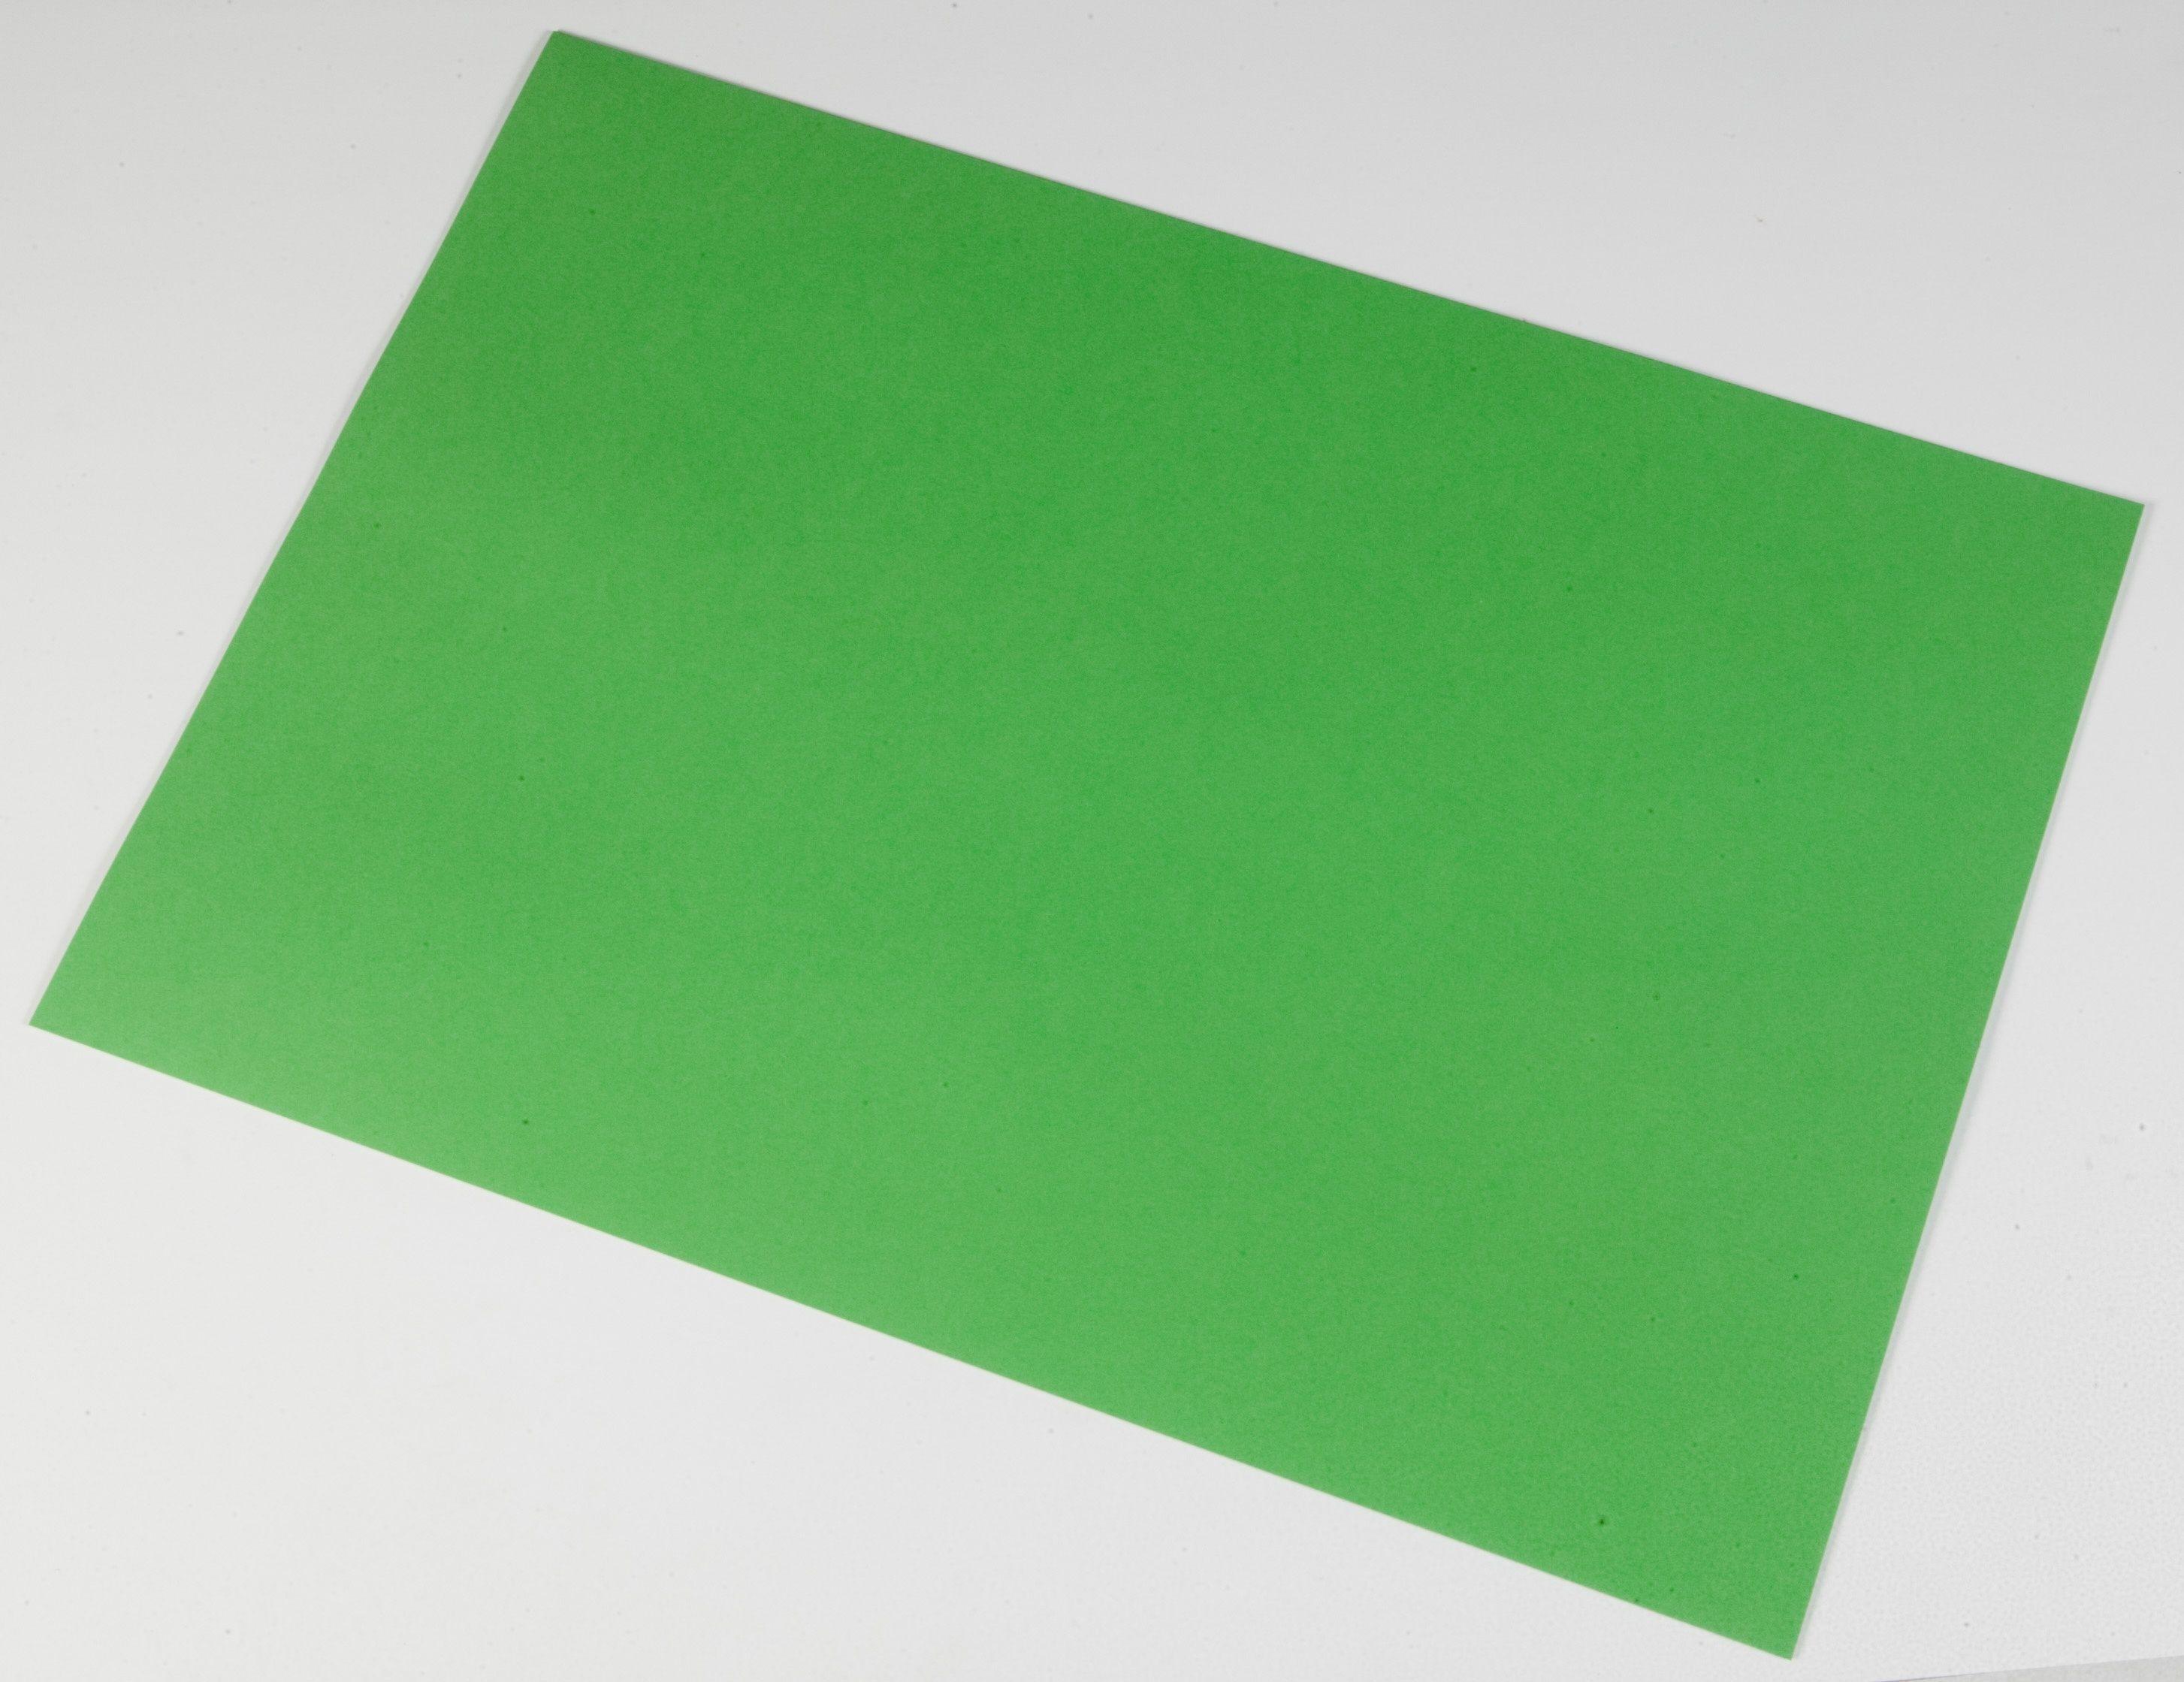 112018  Dekorasjonskartong 46x64cm lysegrønn